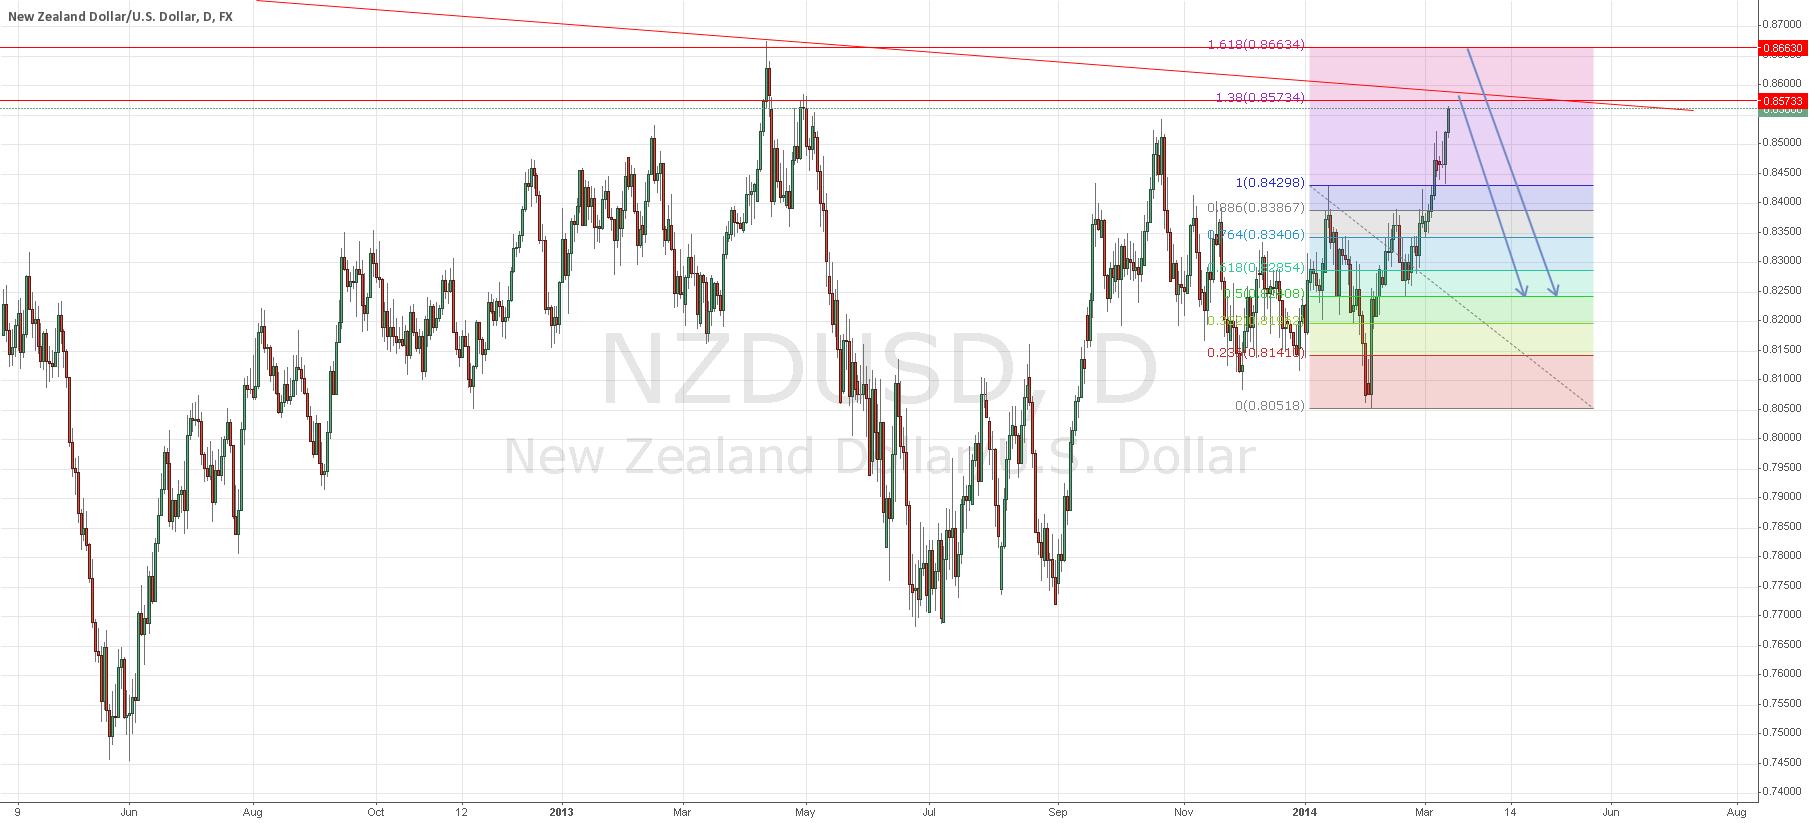 Short NZD/USD between 138 and 161.8 fib levels